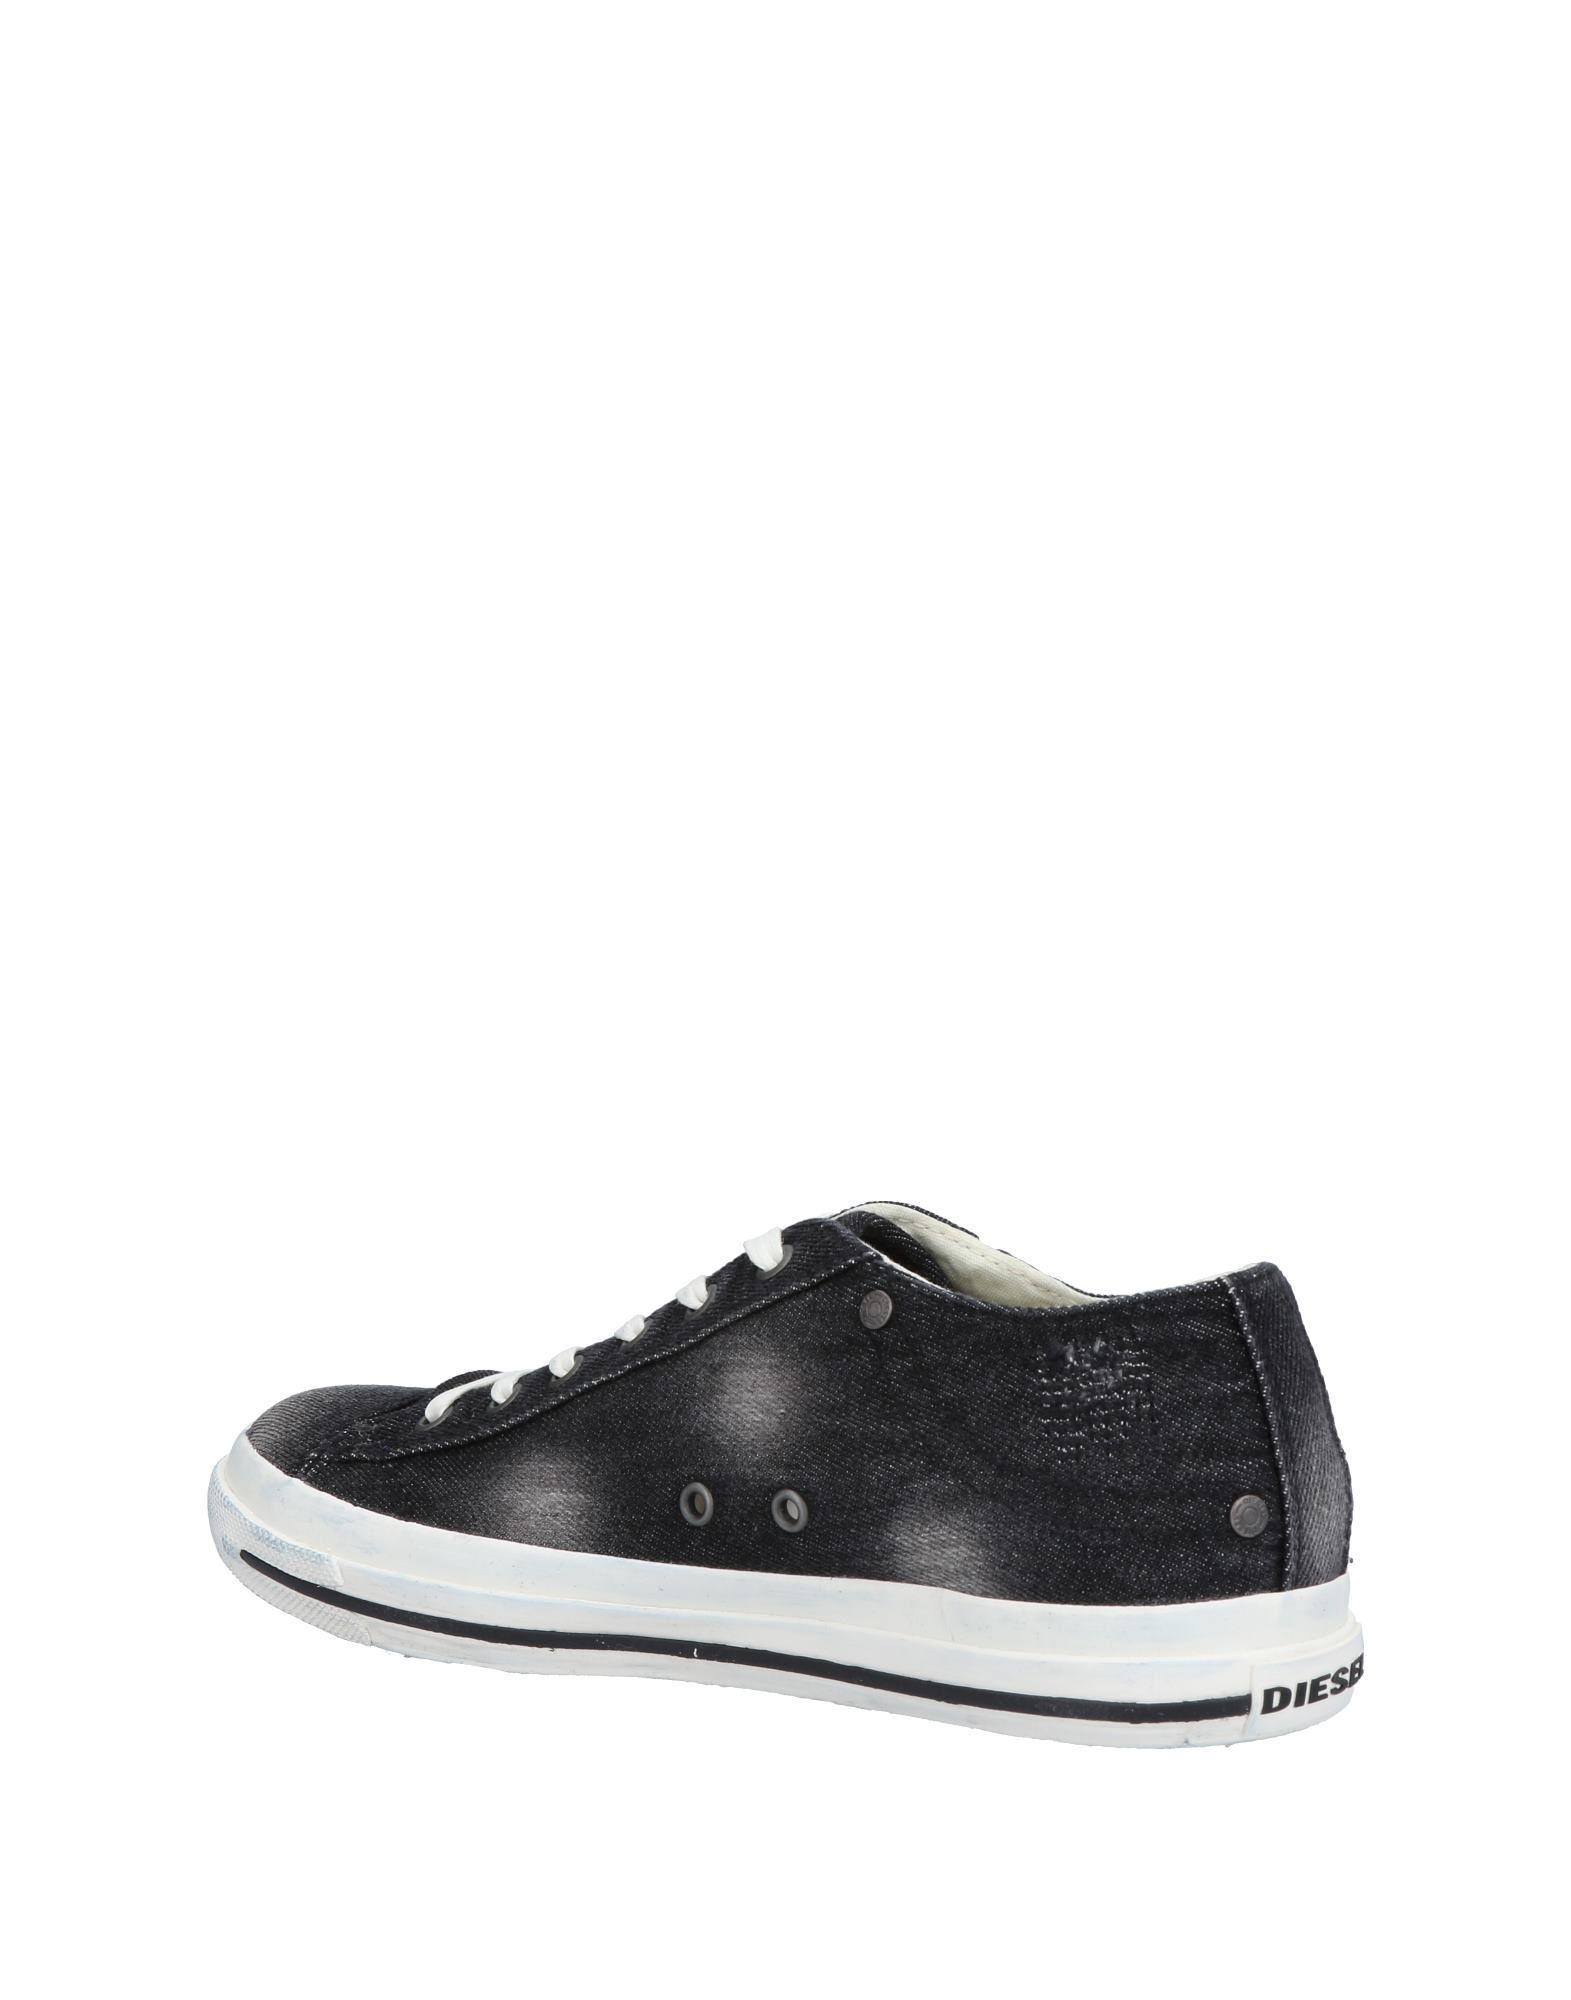 Rabatt echte Sneakers Schuhe Diesel Sneakers echte Herren  11491209BX e11499